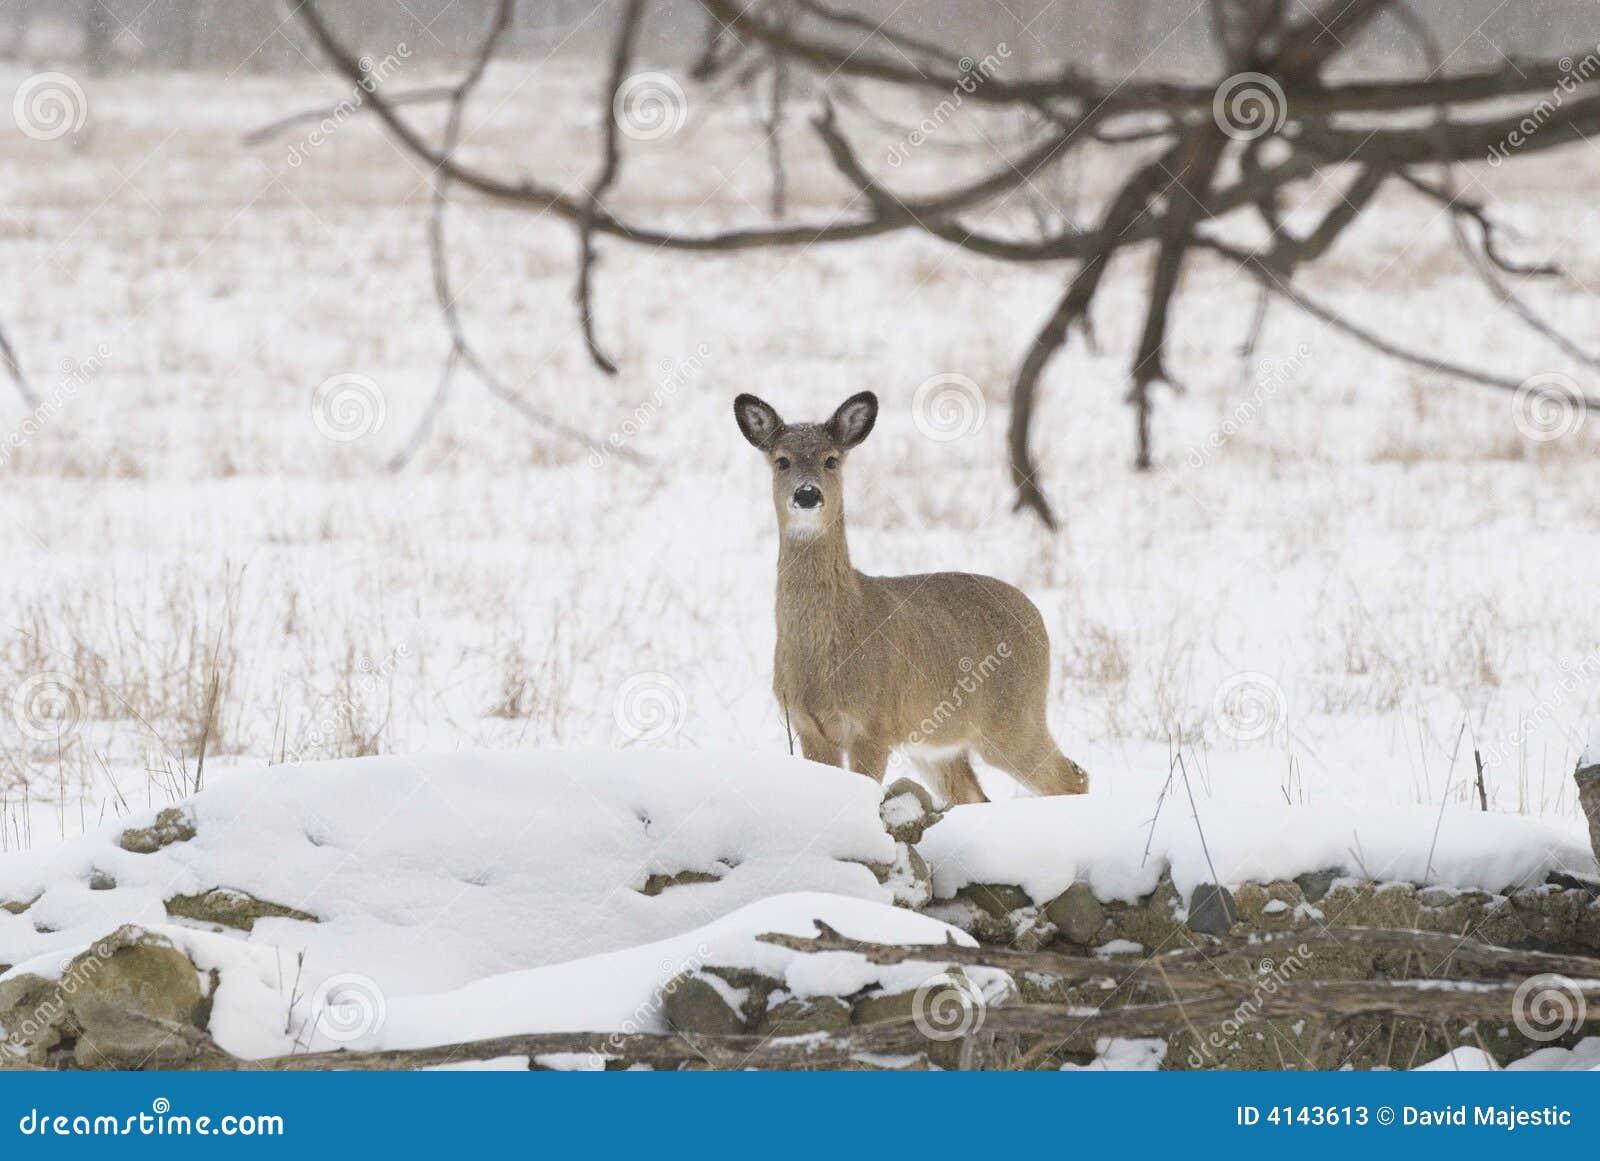 好奇白尾鹿